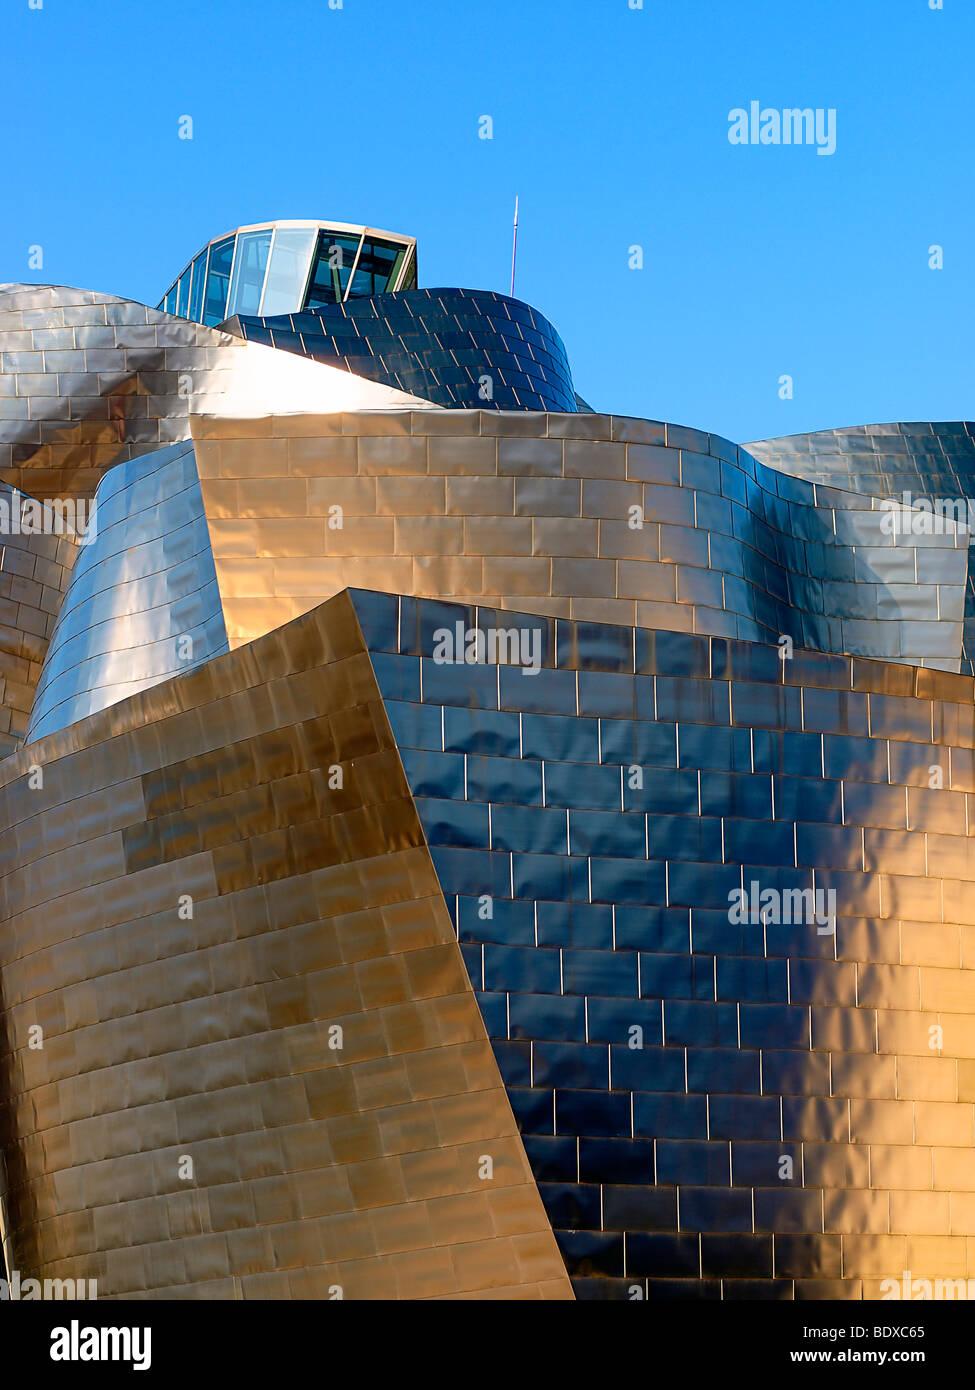 Guggenheim Museum, Bilbao, Spain. - Stock Image